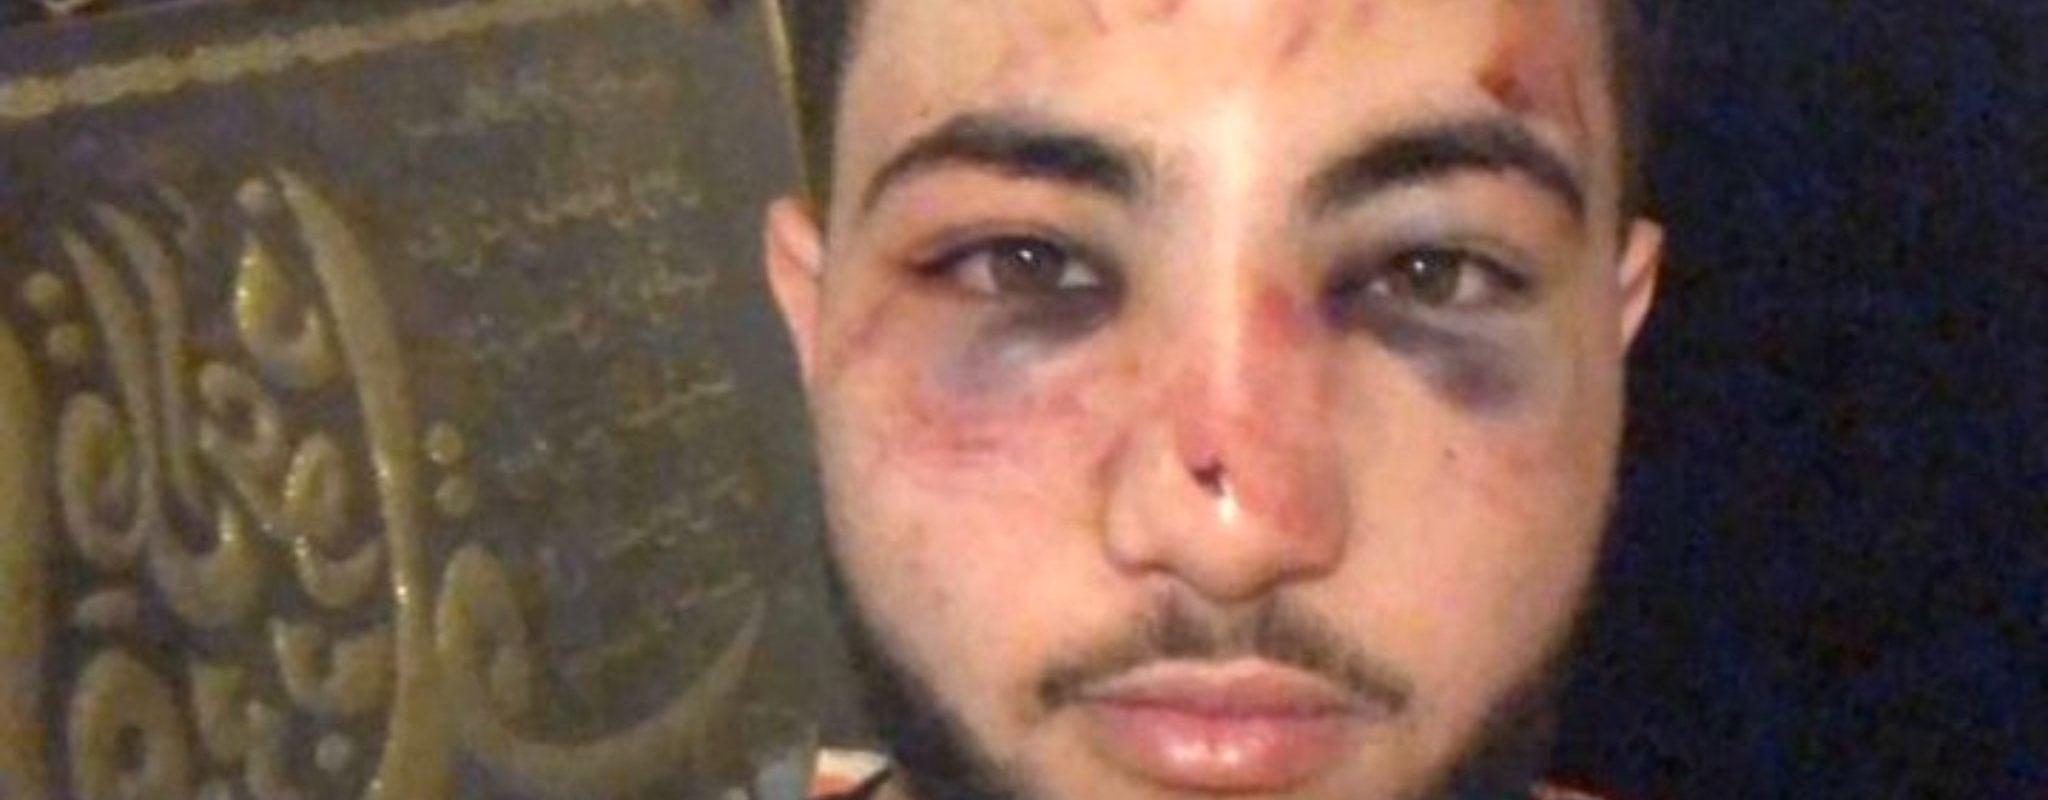 Le policier qui avait tabassé un jeune à Koenigshoffen condamné et incarcéré